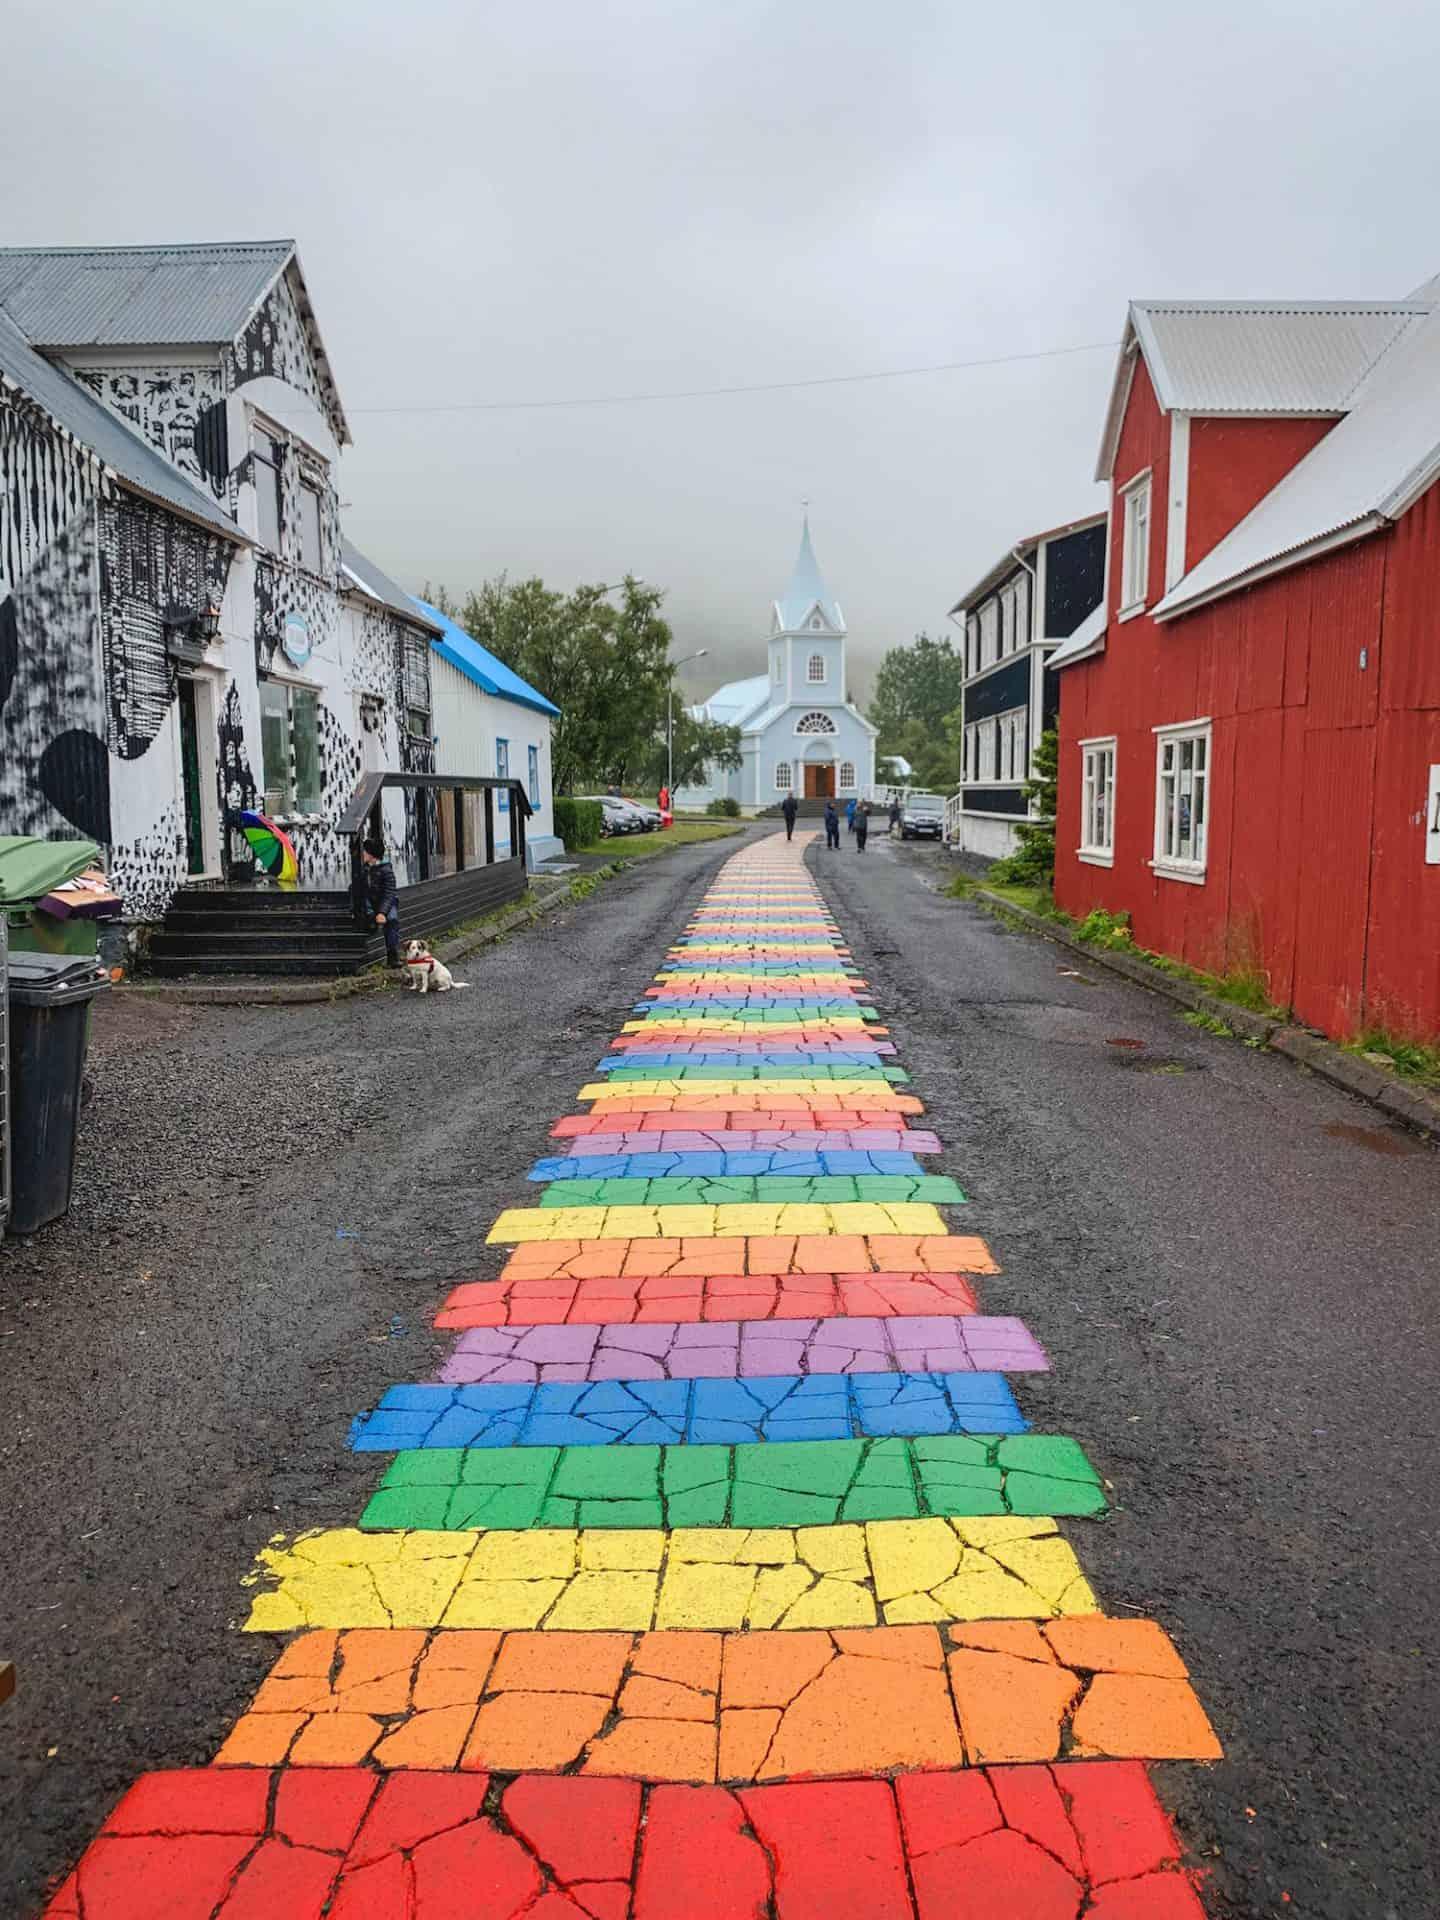 Seyðisfjörður Church, the famous rainbow church in East Iceland